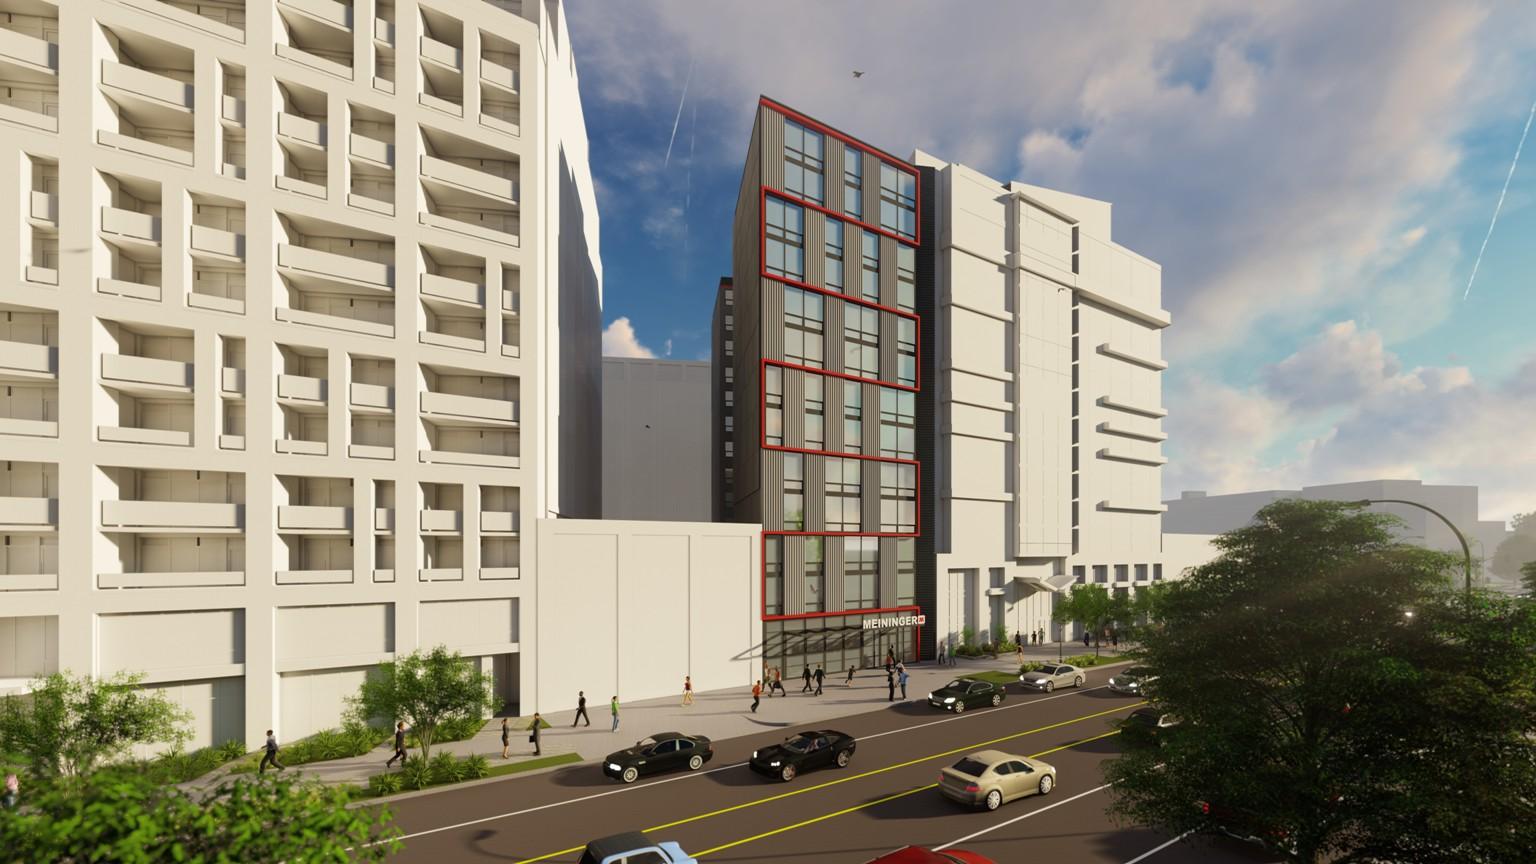 MEININGER gibt Pläne für erstes Hotel in den USA bekannt –  Das erste amerikanische MEININGER Hotel entsteht in Washington D.C.